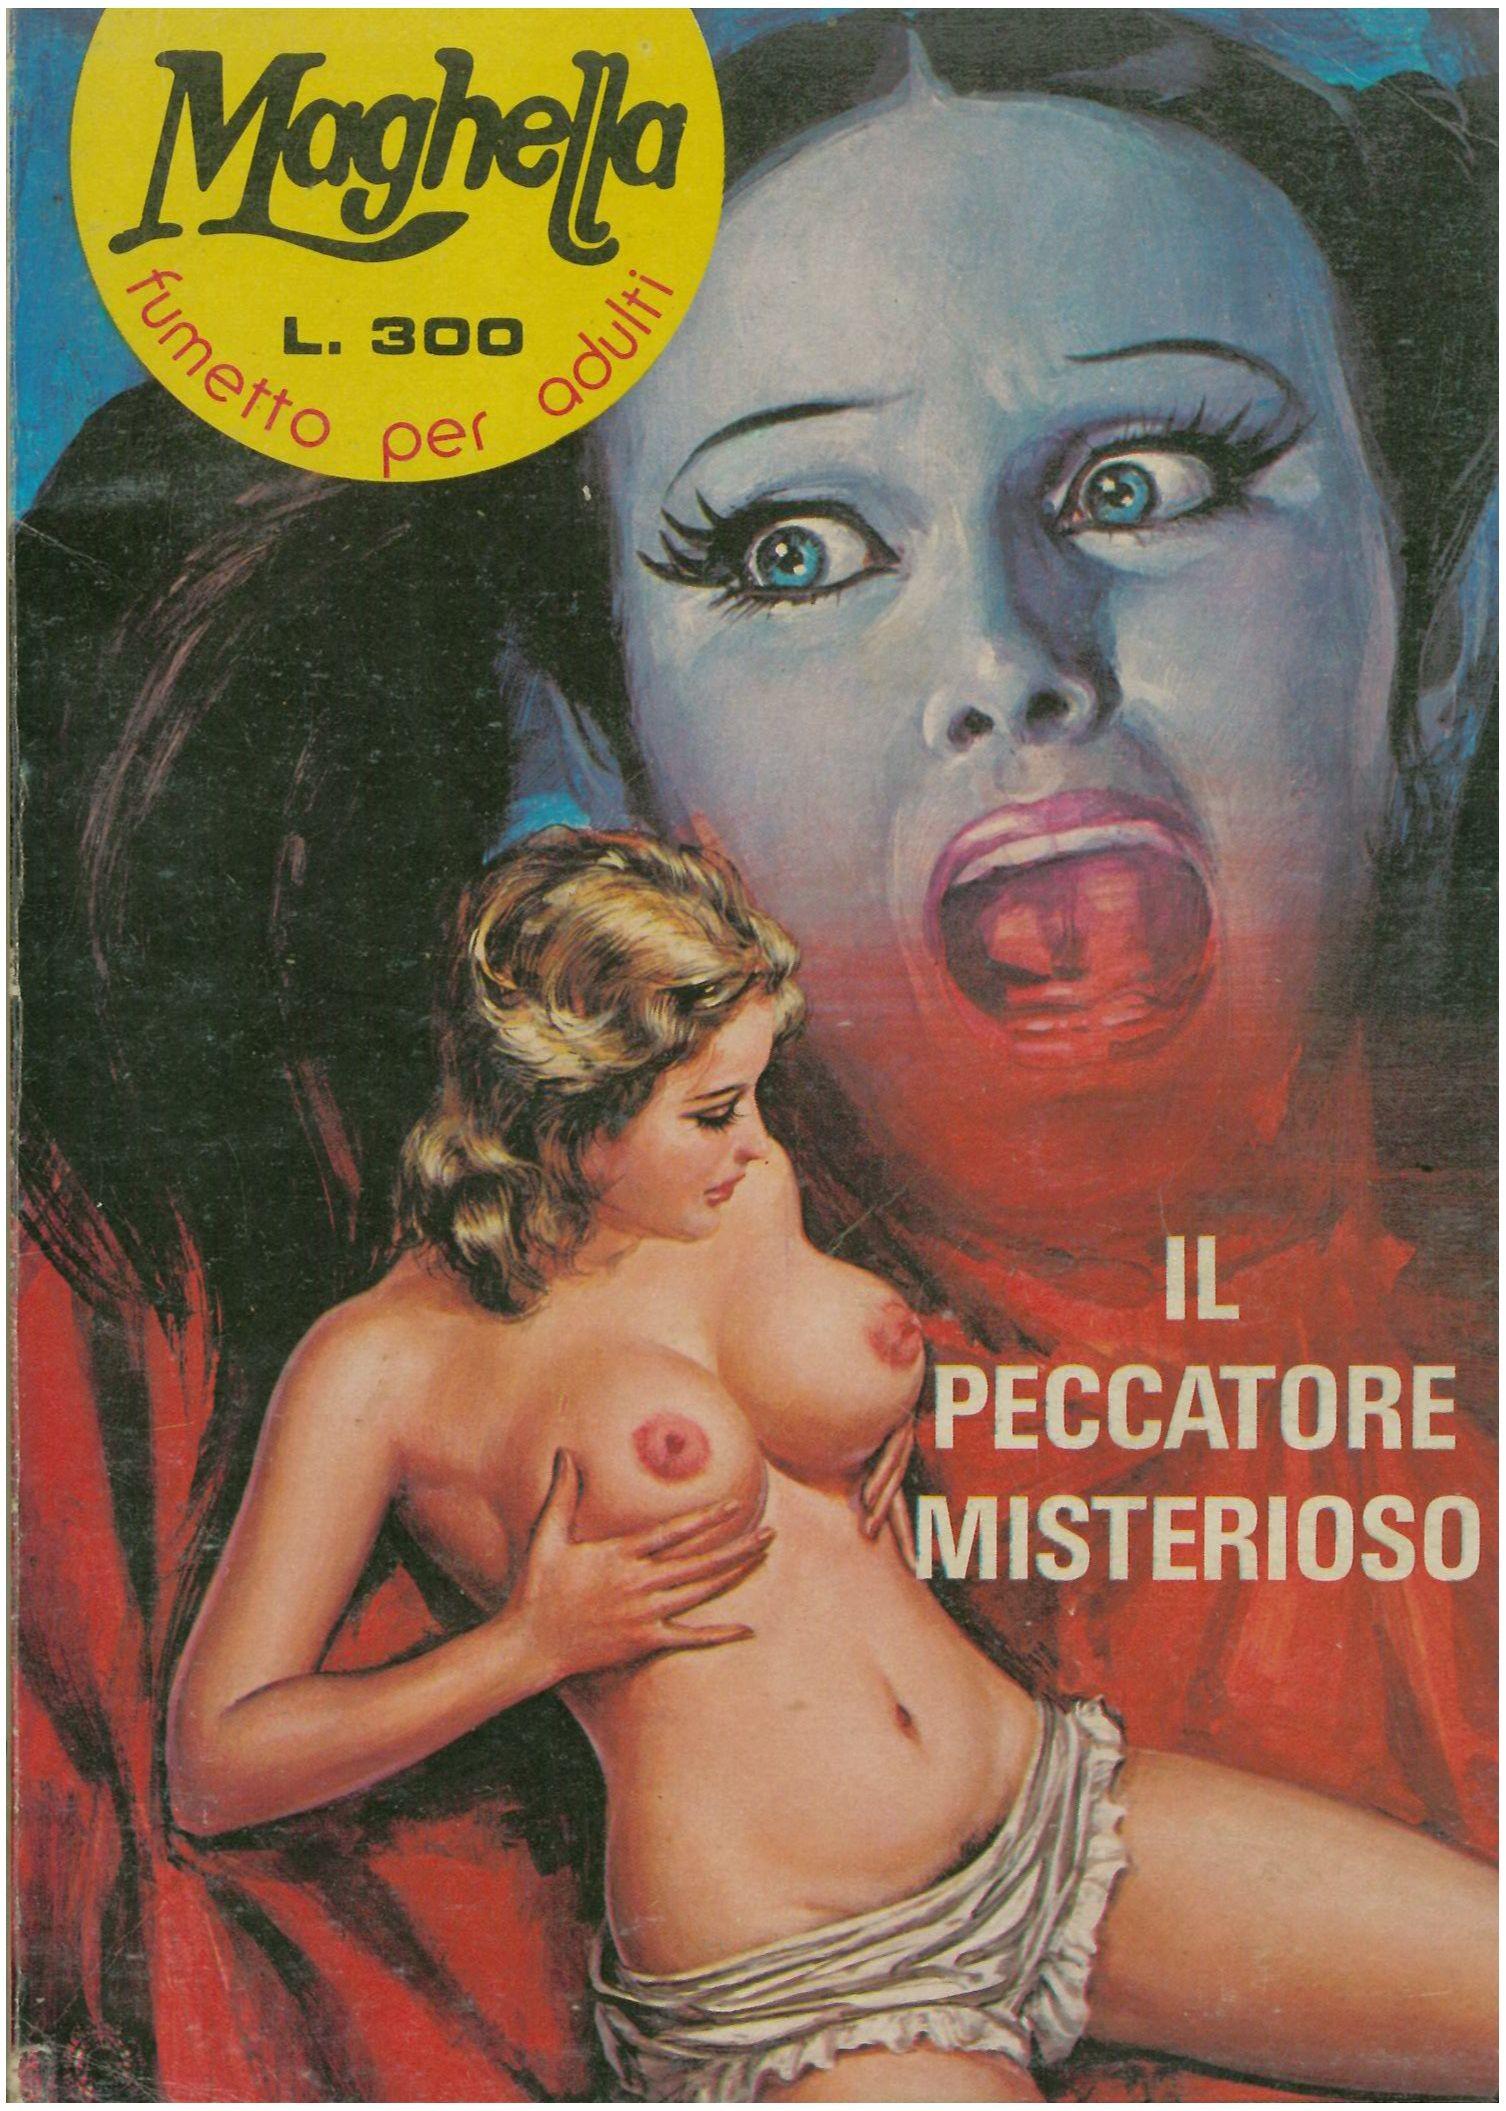 Fumetto erotico maghella